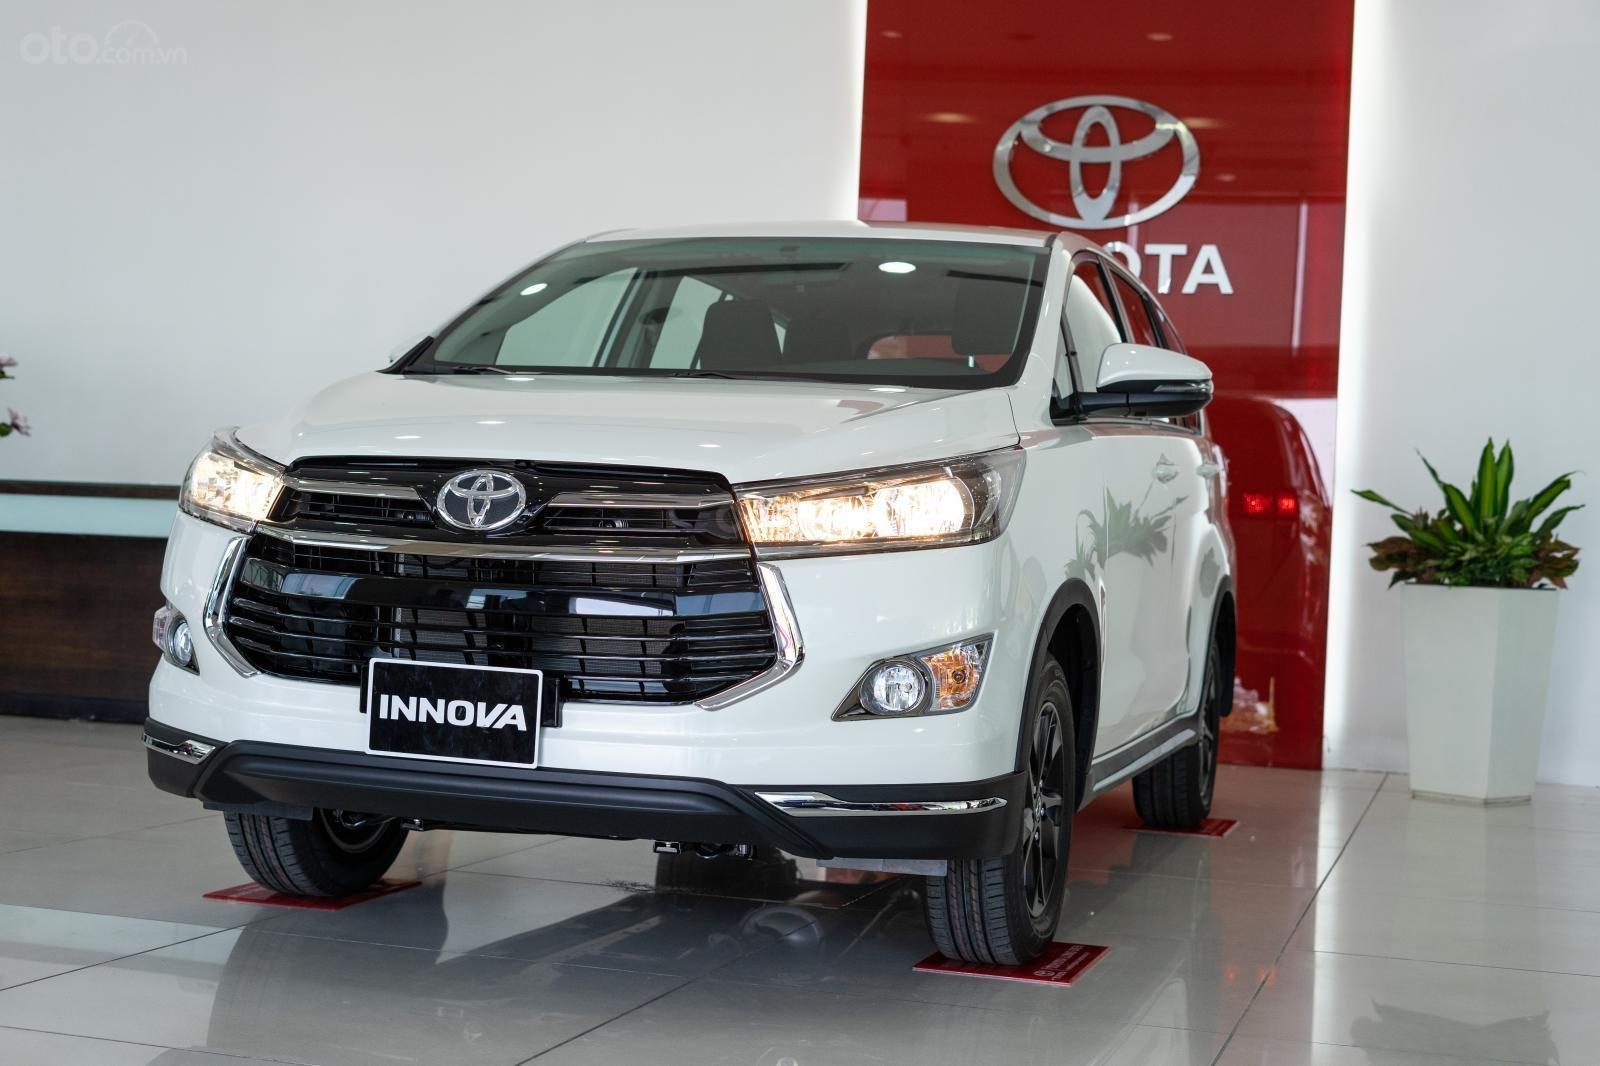 Toyota Innova và Fortuner vẫn là những cái tên luôn được khách hàng nghĩ tới đầu tiên khi lựa chọn dòng xe 7 chỗ phục vụ công việc lẫn nhu cầu gia đình.